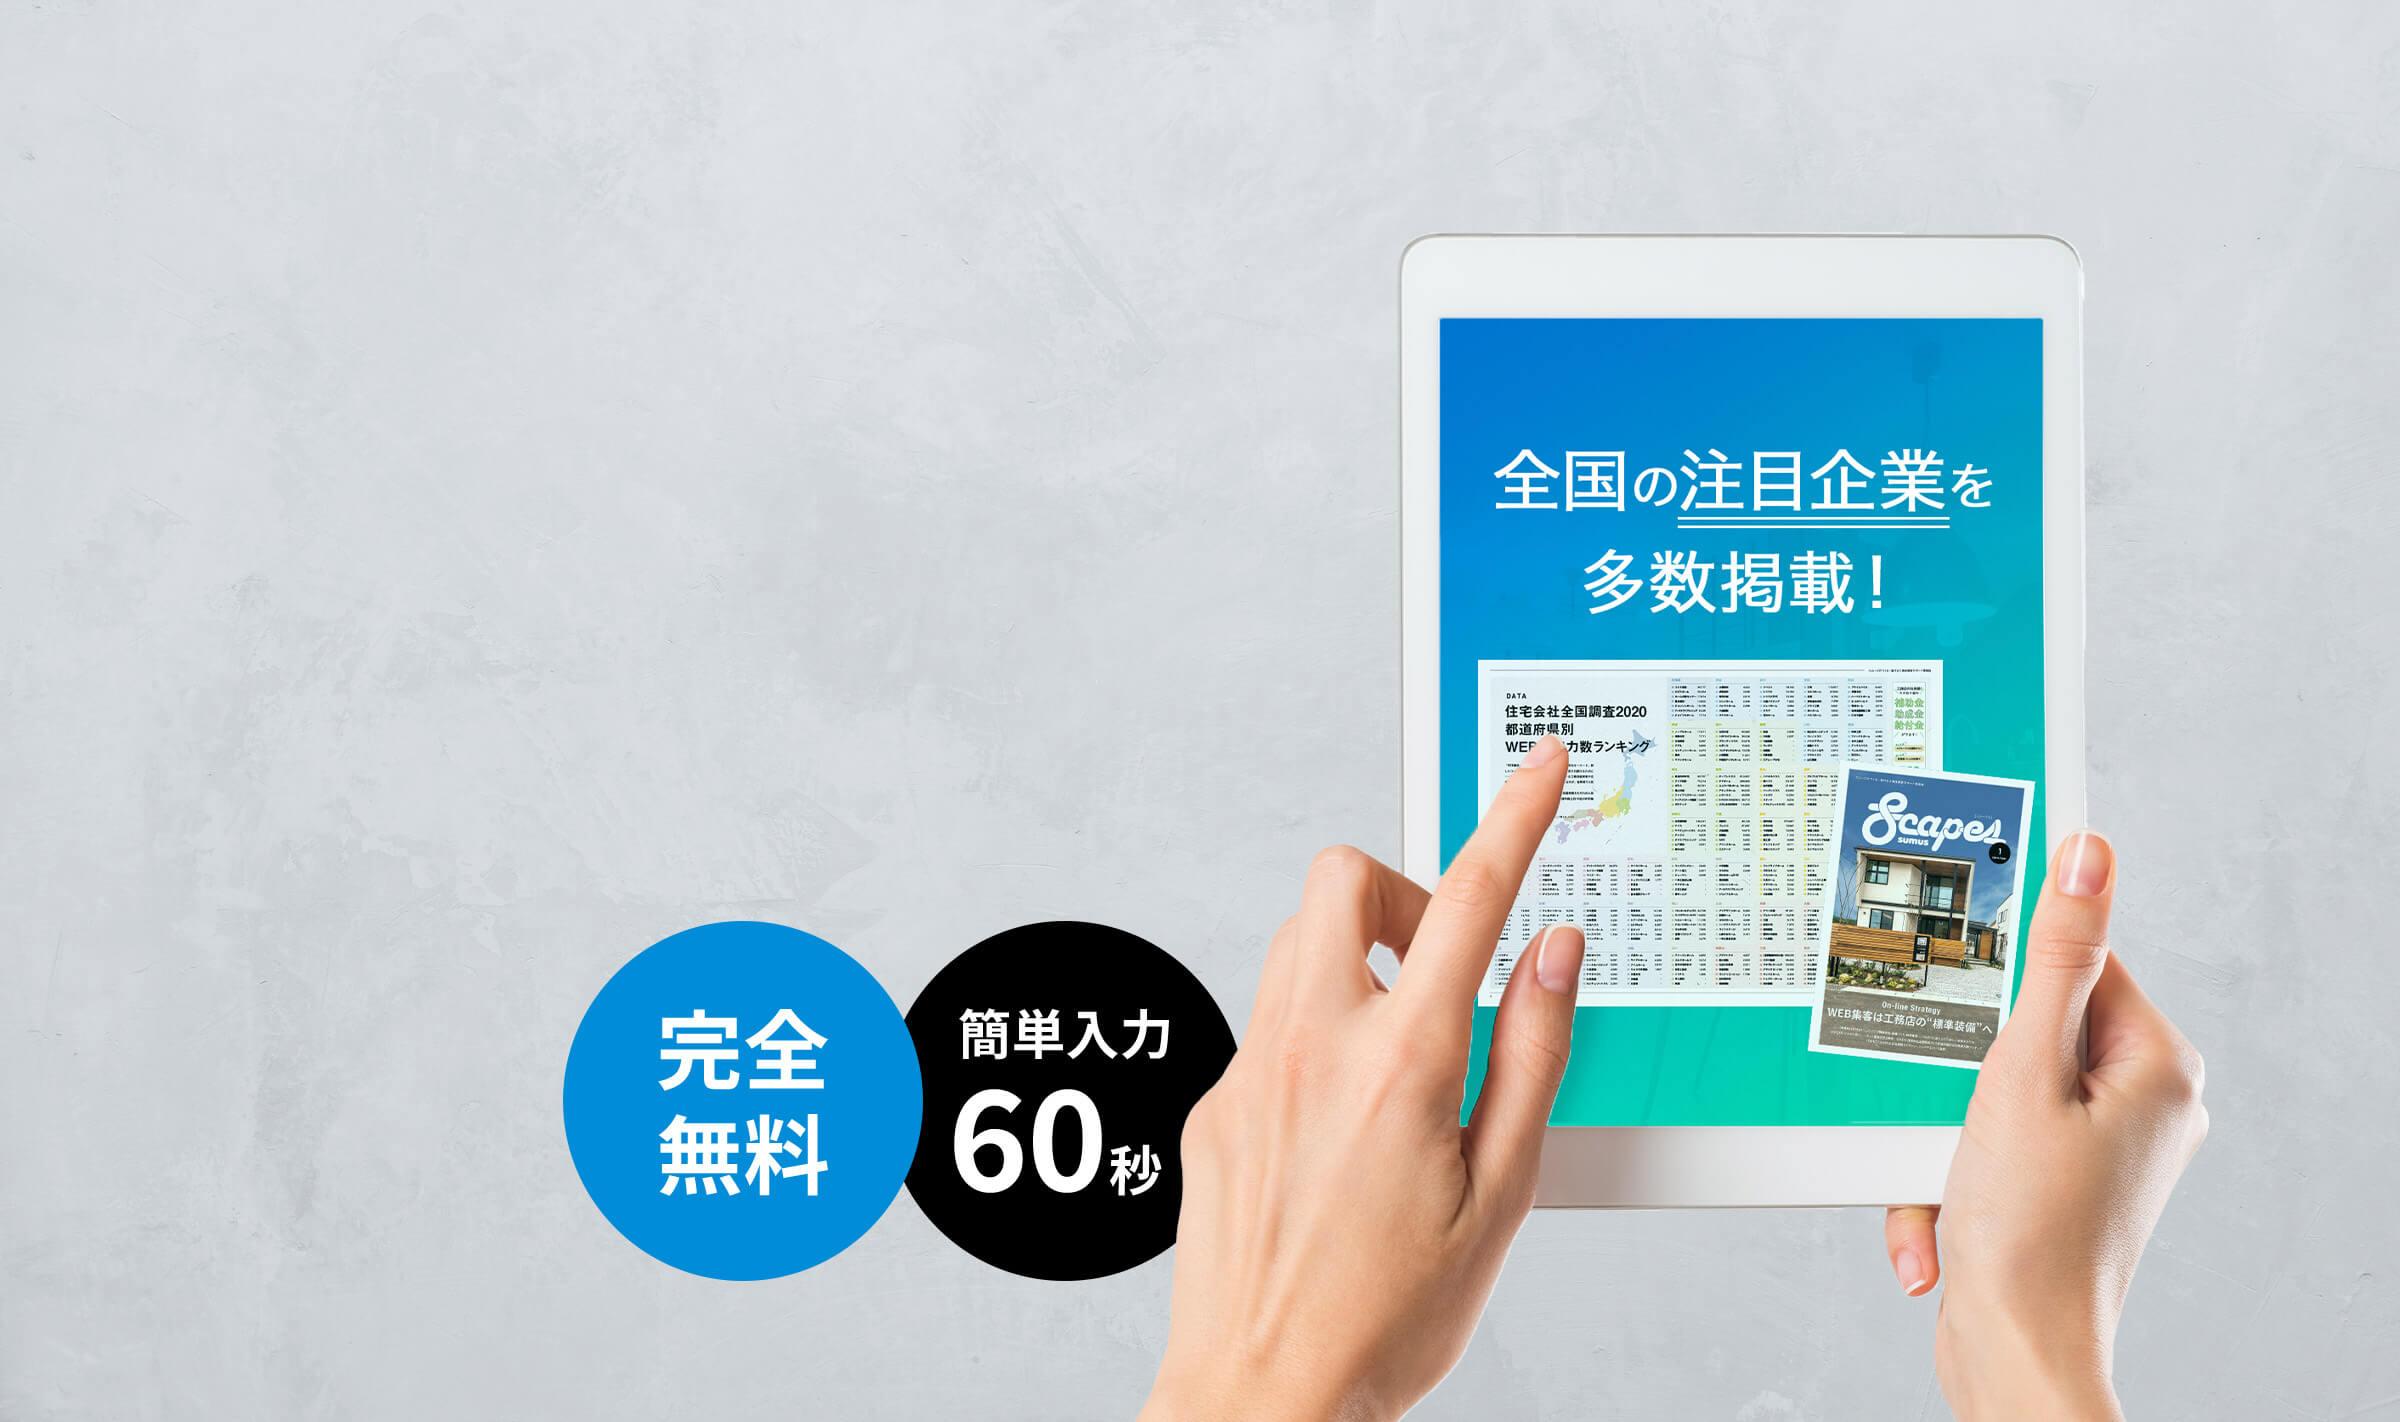 成長企業100社を徹底調査!工務店WEB集客力ランキングレポートプレゼント!